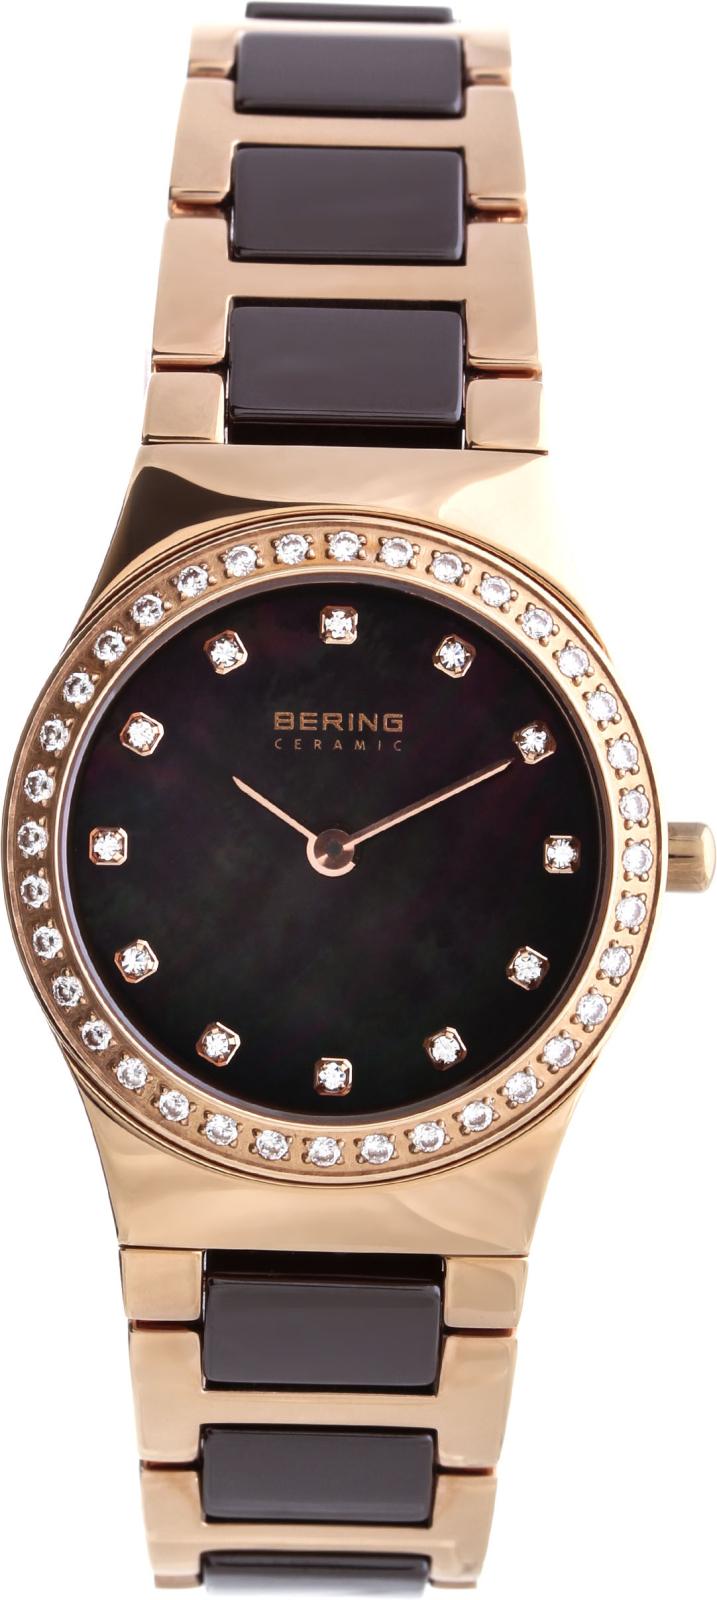 Bering Ceramic 32426-765 от Bering